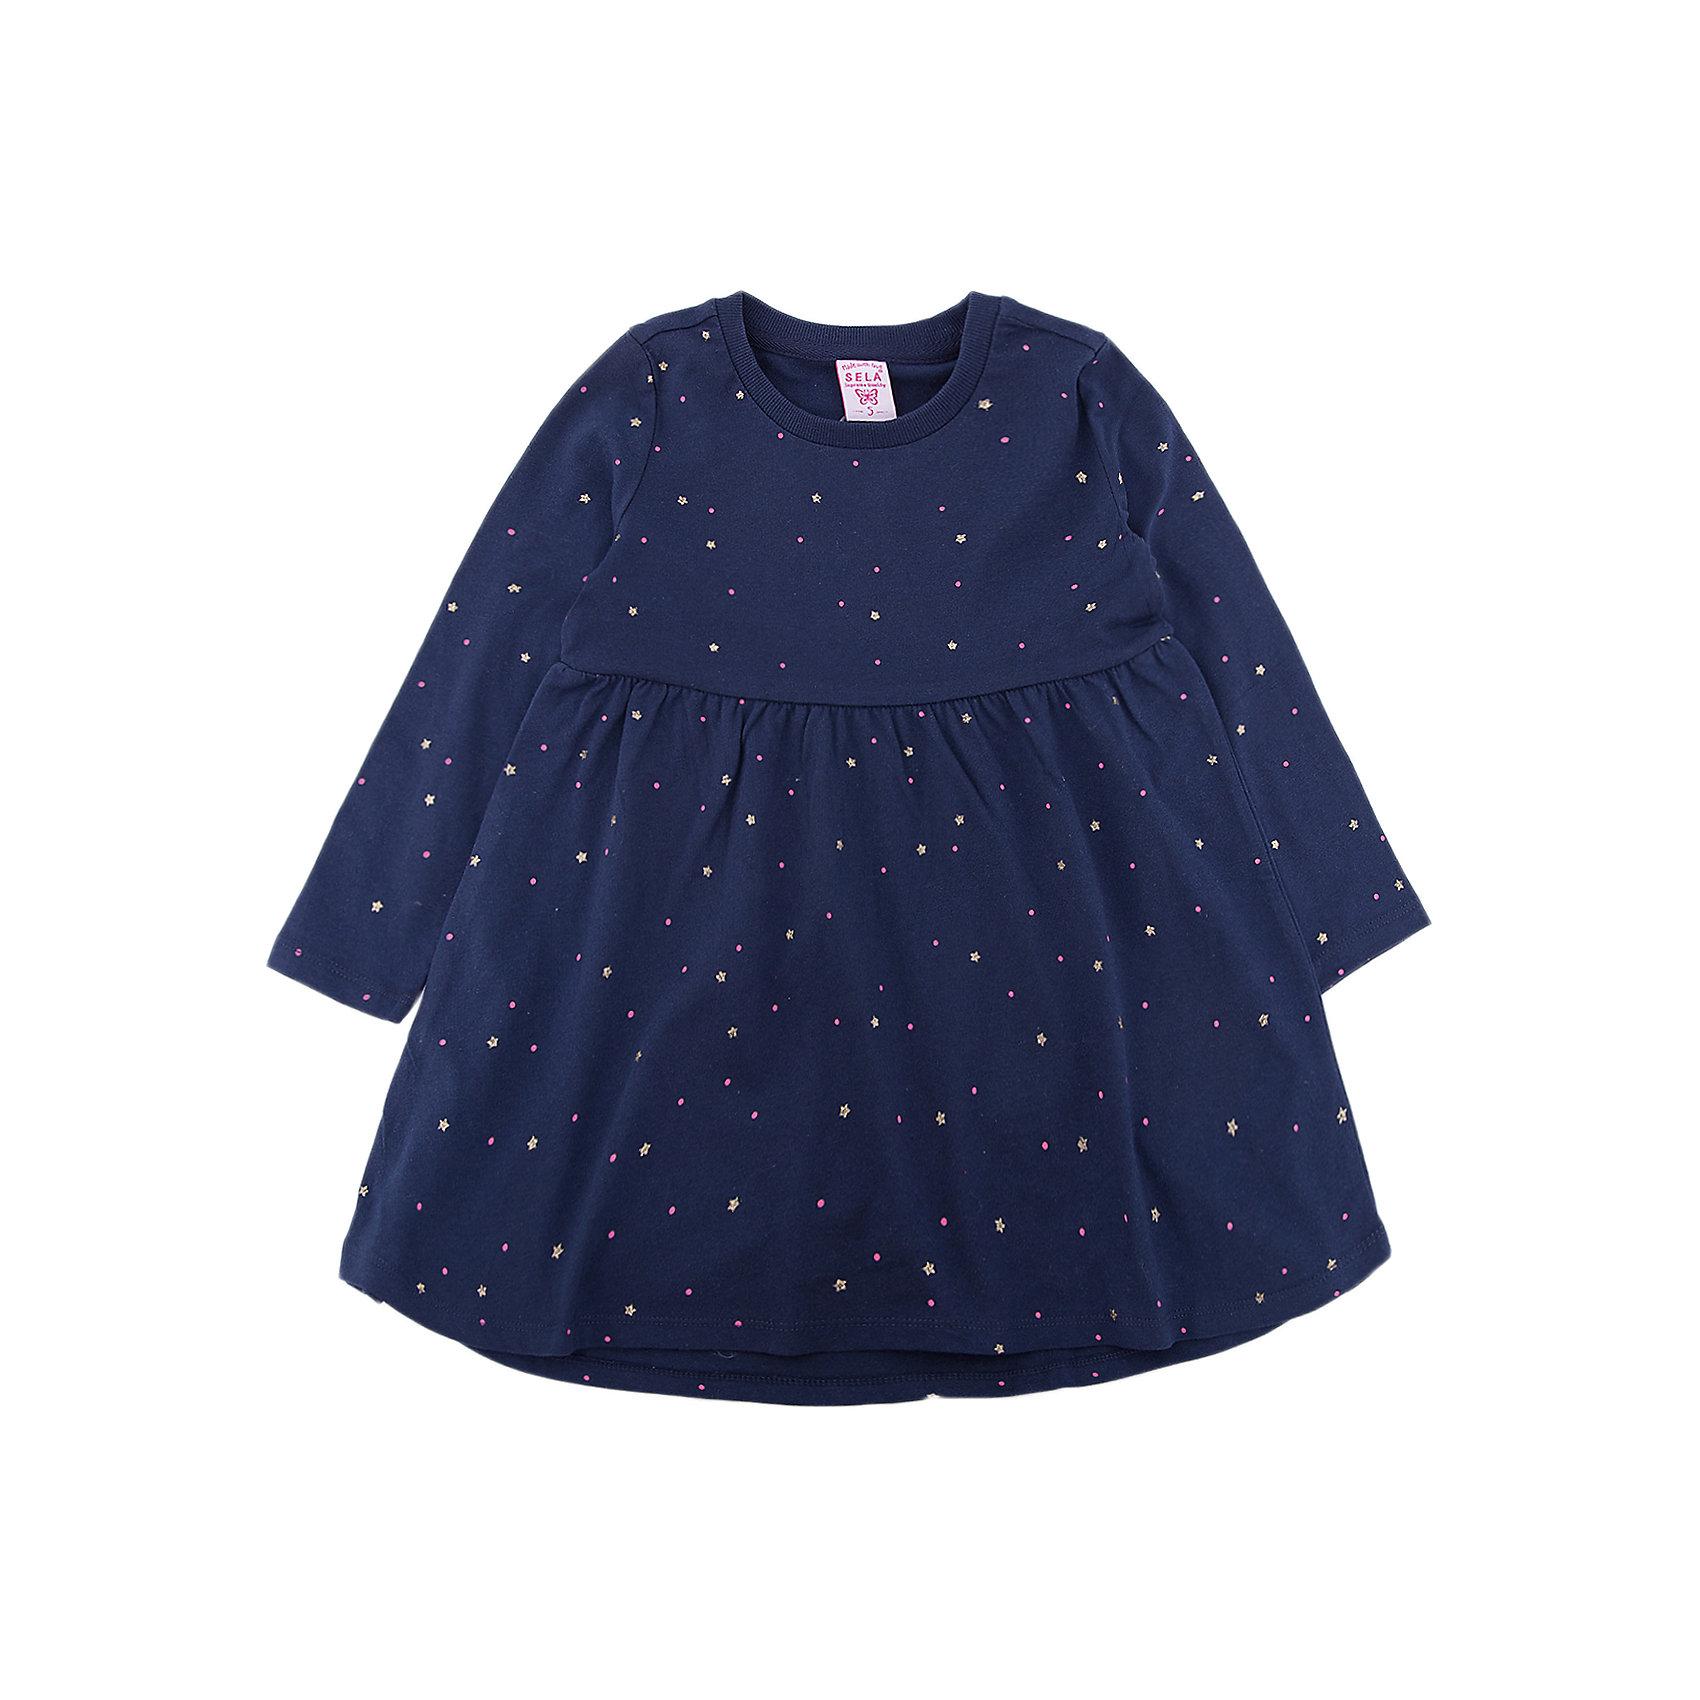 Платье SELA для девочкиПлатья и сарафаны<br>Характеристики товара:<br><br>• цвет: синий<br>• состав ткани: 100% хлопок<br>• сезон: демисезон<br>• длинные рукава<br>• страна бренда: Россия<br>• страна производства: Китай<br><br>Полуприлегающее платье для девочки от Sela - стильная молодежная вещь по доступной цене. Модное платье для девочки поможет разнообразить гардероб ребенка. Платье для ребенка сшито из качественного материала, в составе которого только натуральный хлопок. <br><br>Платье для девочки Sela (Села) можно купить в нашем интернет- магазине.<br><br>Ширина мм: 236<br>Глубина мм: 16<br>Высота мм: 184<br>Вес г: 177<br>Цвет: синий<br>Возраст от месяцев: 60<br>Возраст до месяцев: 72<br>Пол: Женский<br>Возраст: Детский<br>Размер: 116,92,98,104,110<br>SKU: 7136712